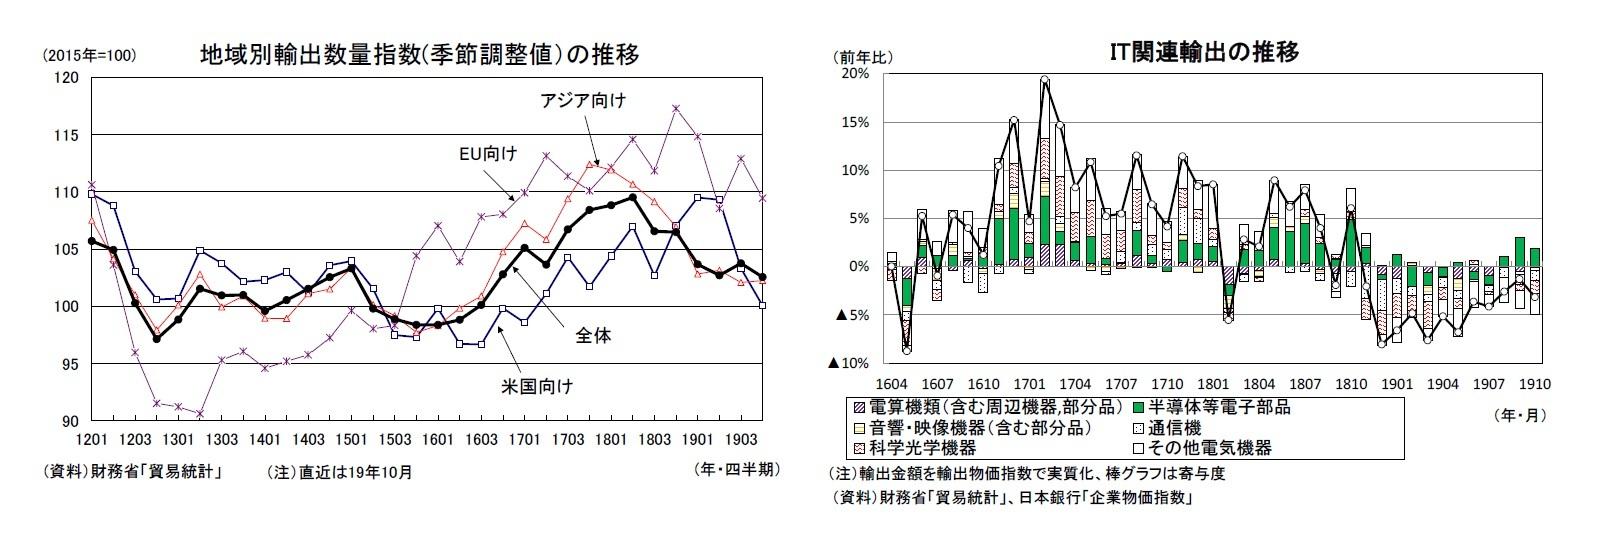 地域別輸出数量指数(季節調整値)の推移/IT関連輸出の推移